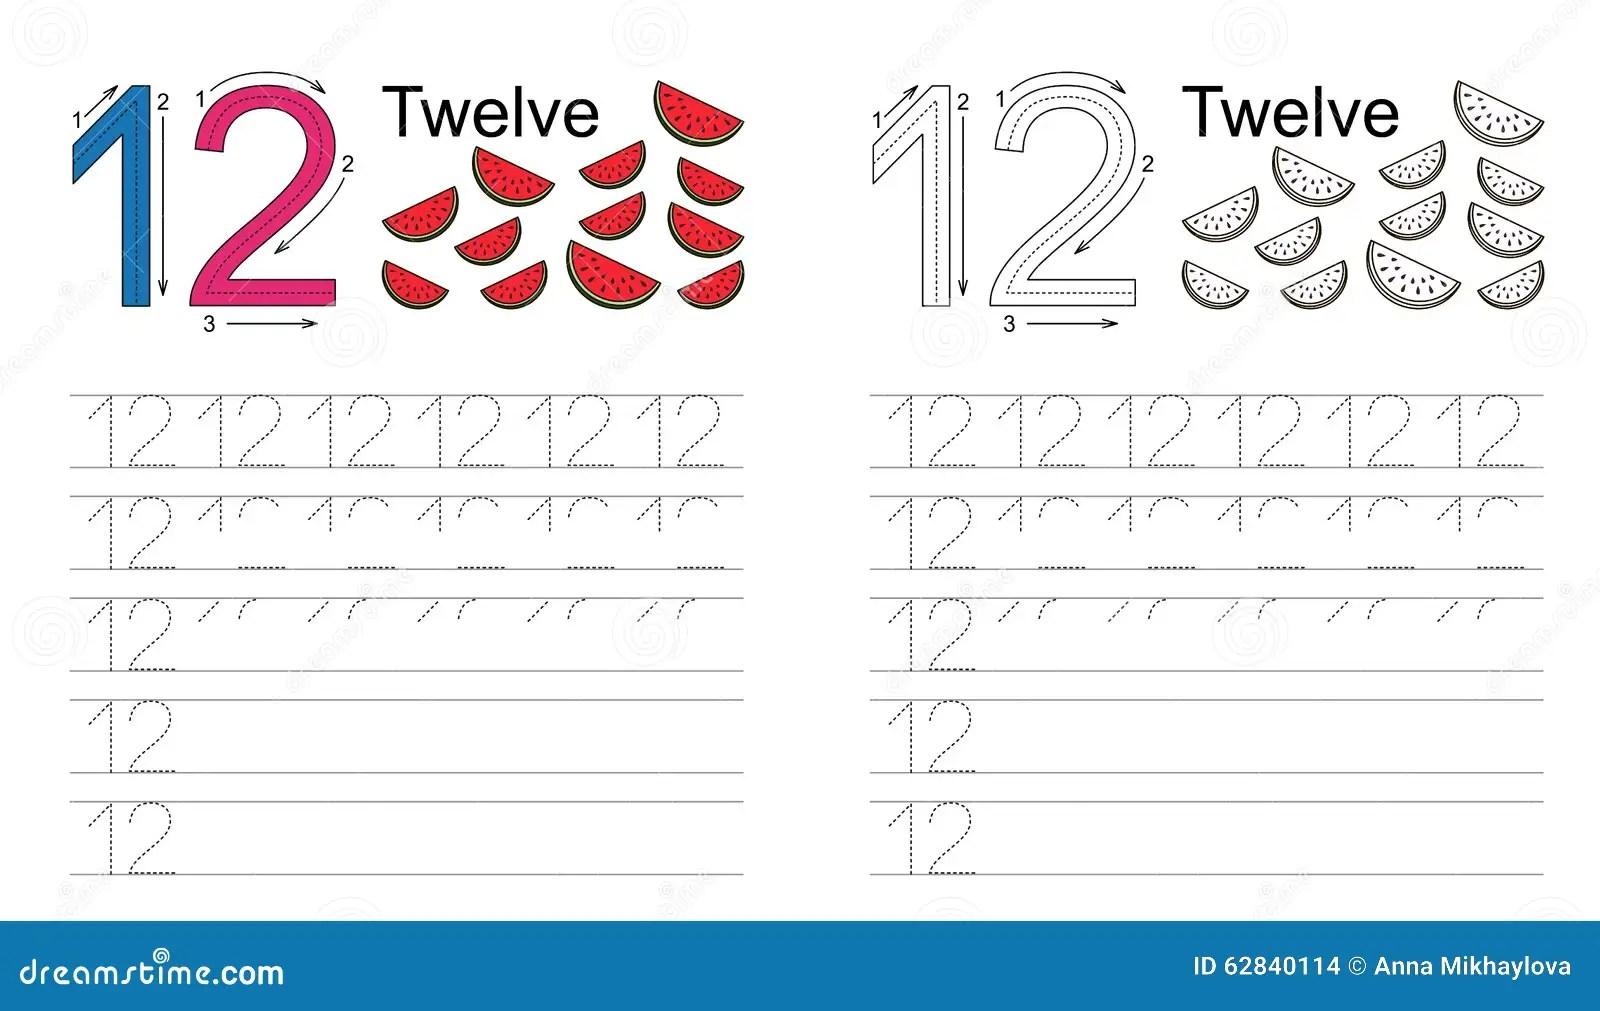 Tracing Worksheet For Figure Twelve Stock Vector